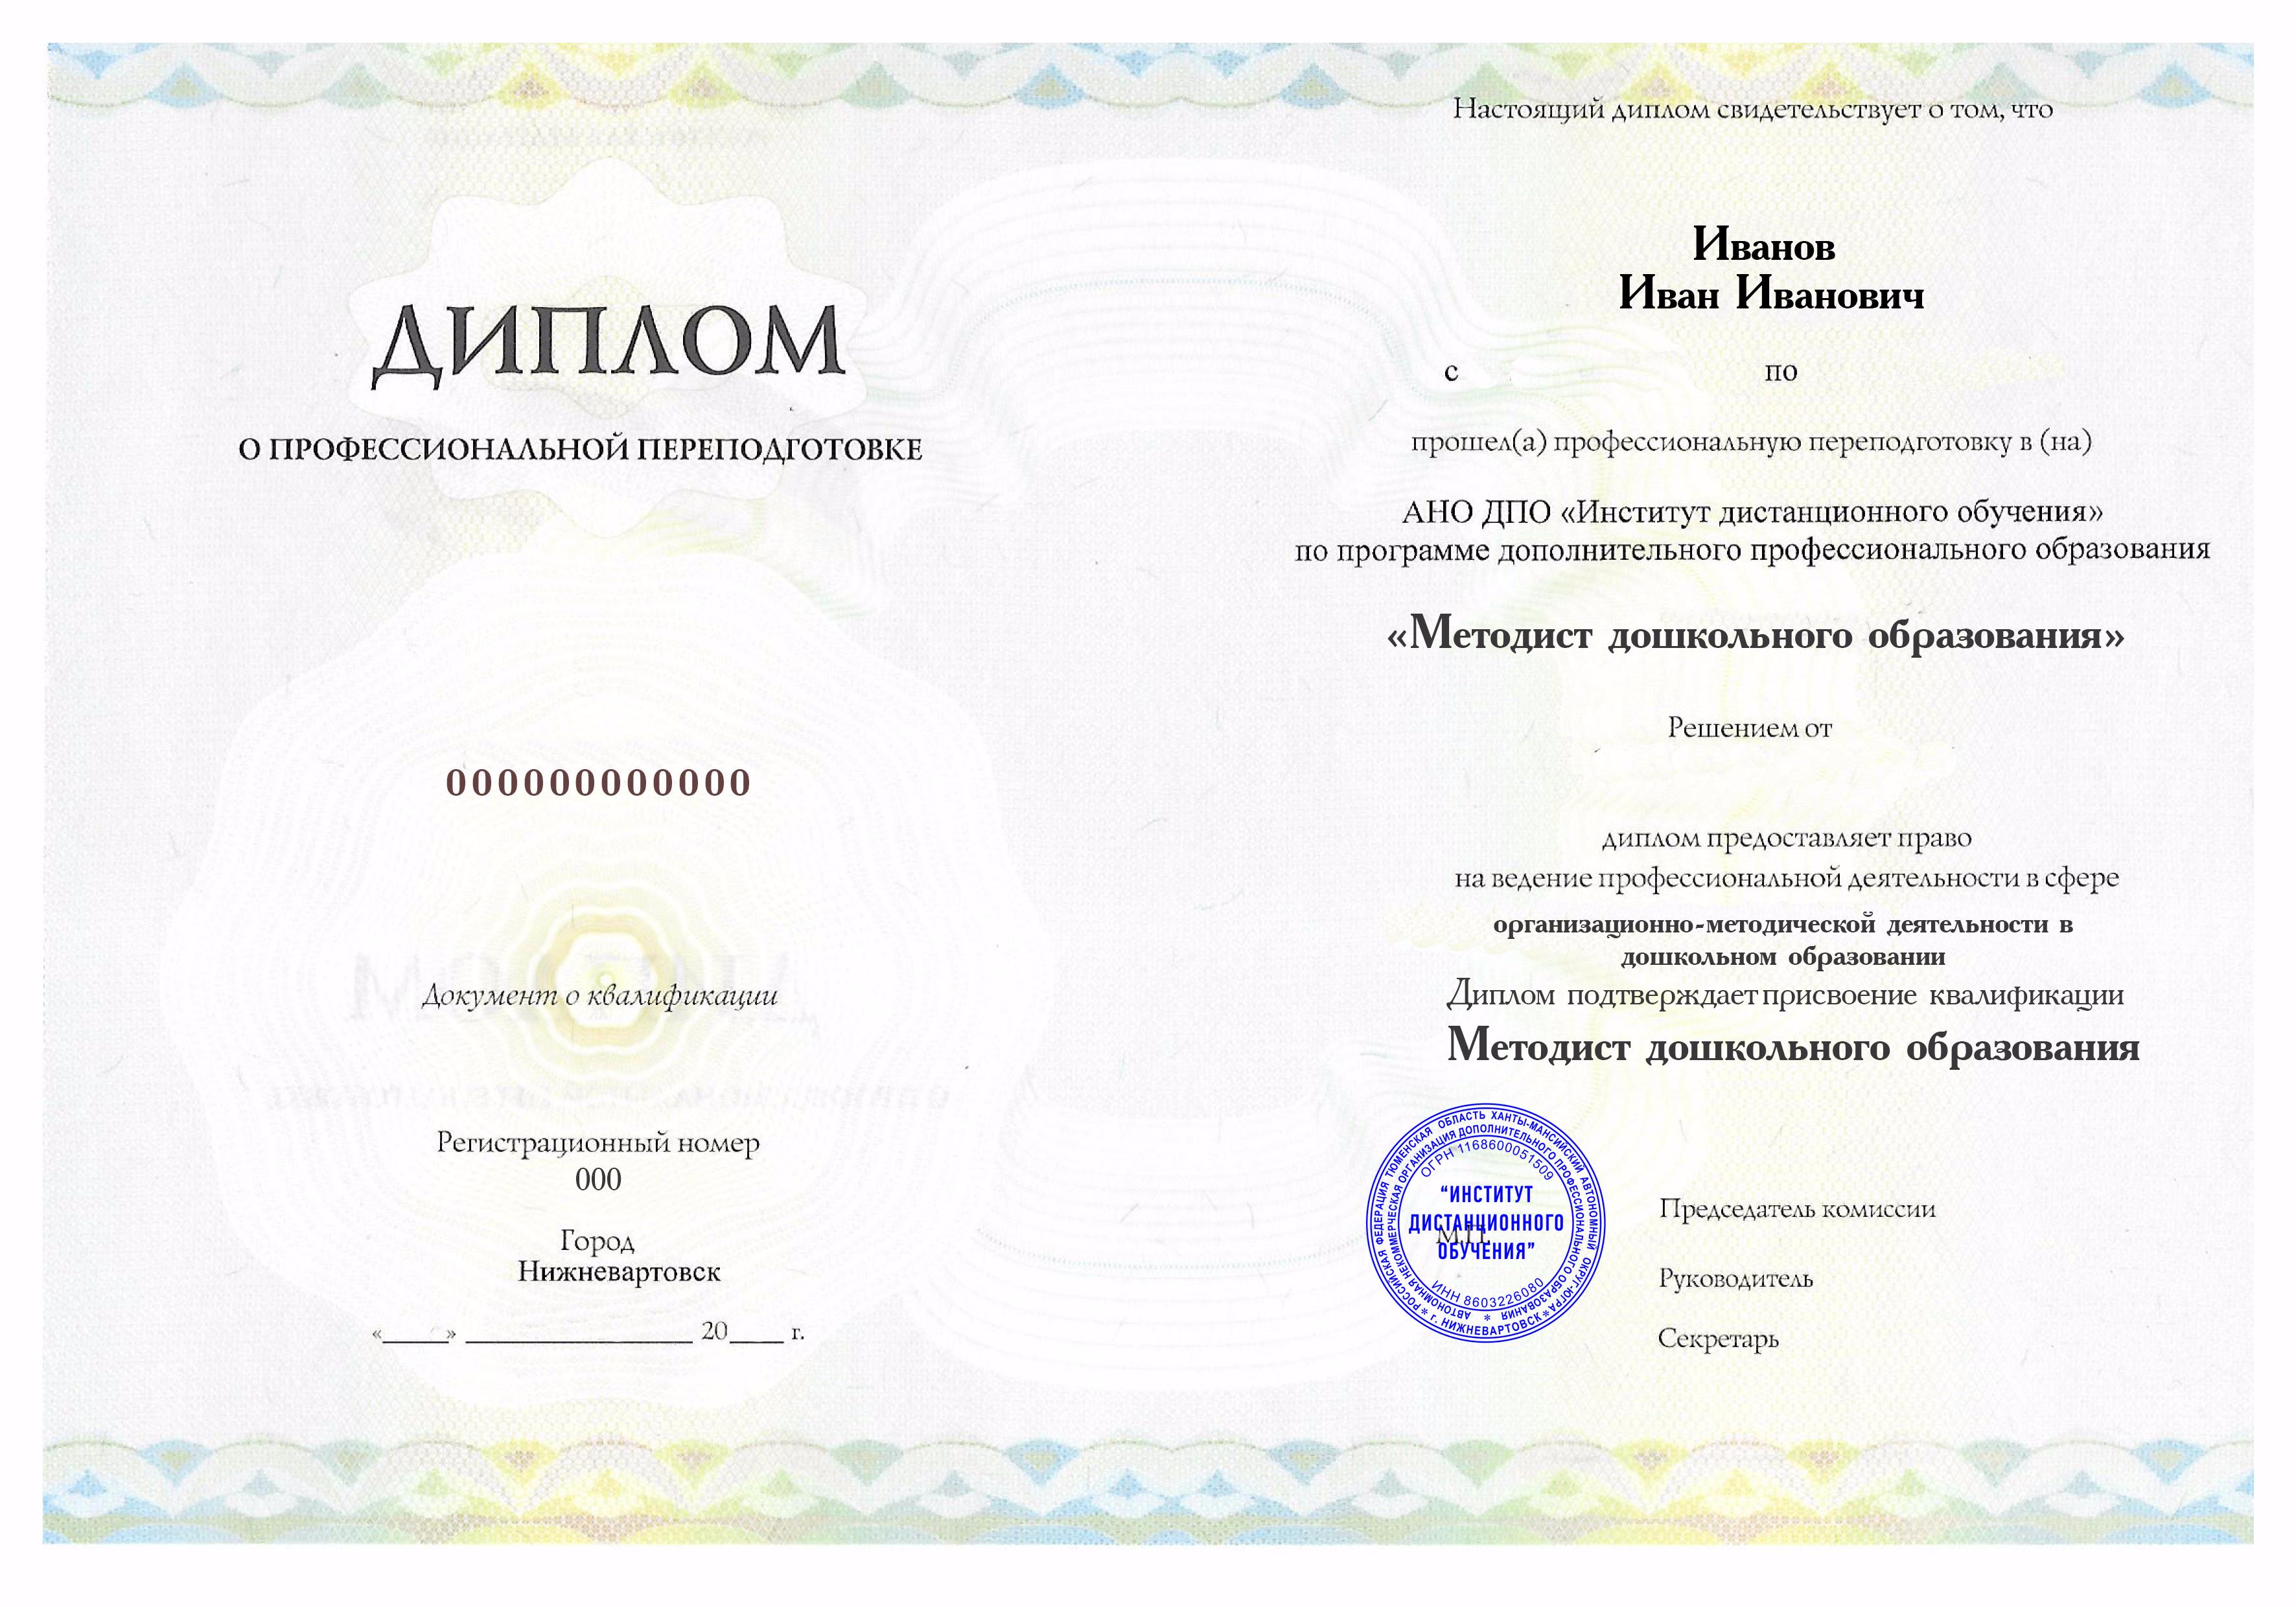 ДОУ Профессиональная переподготовка диплом о переподготовке  Образец диплома